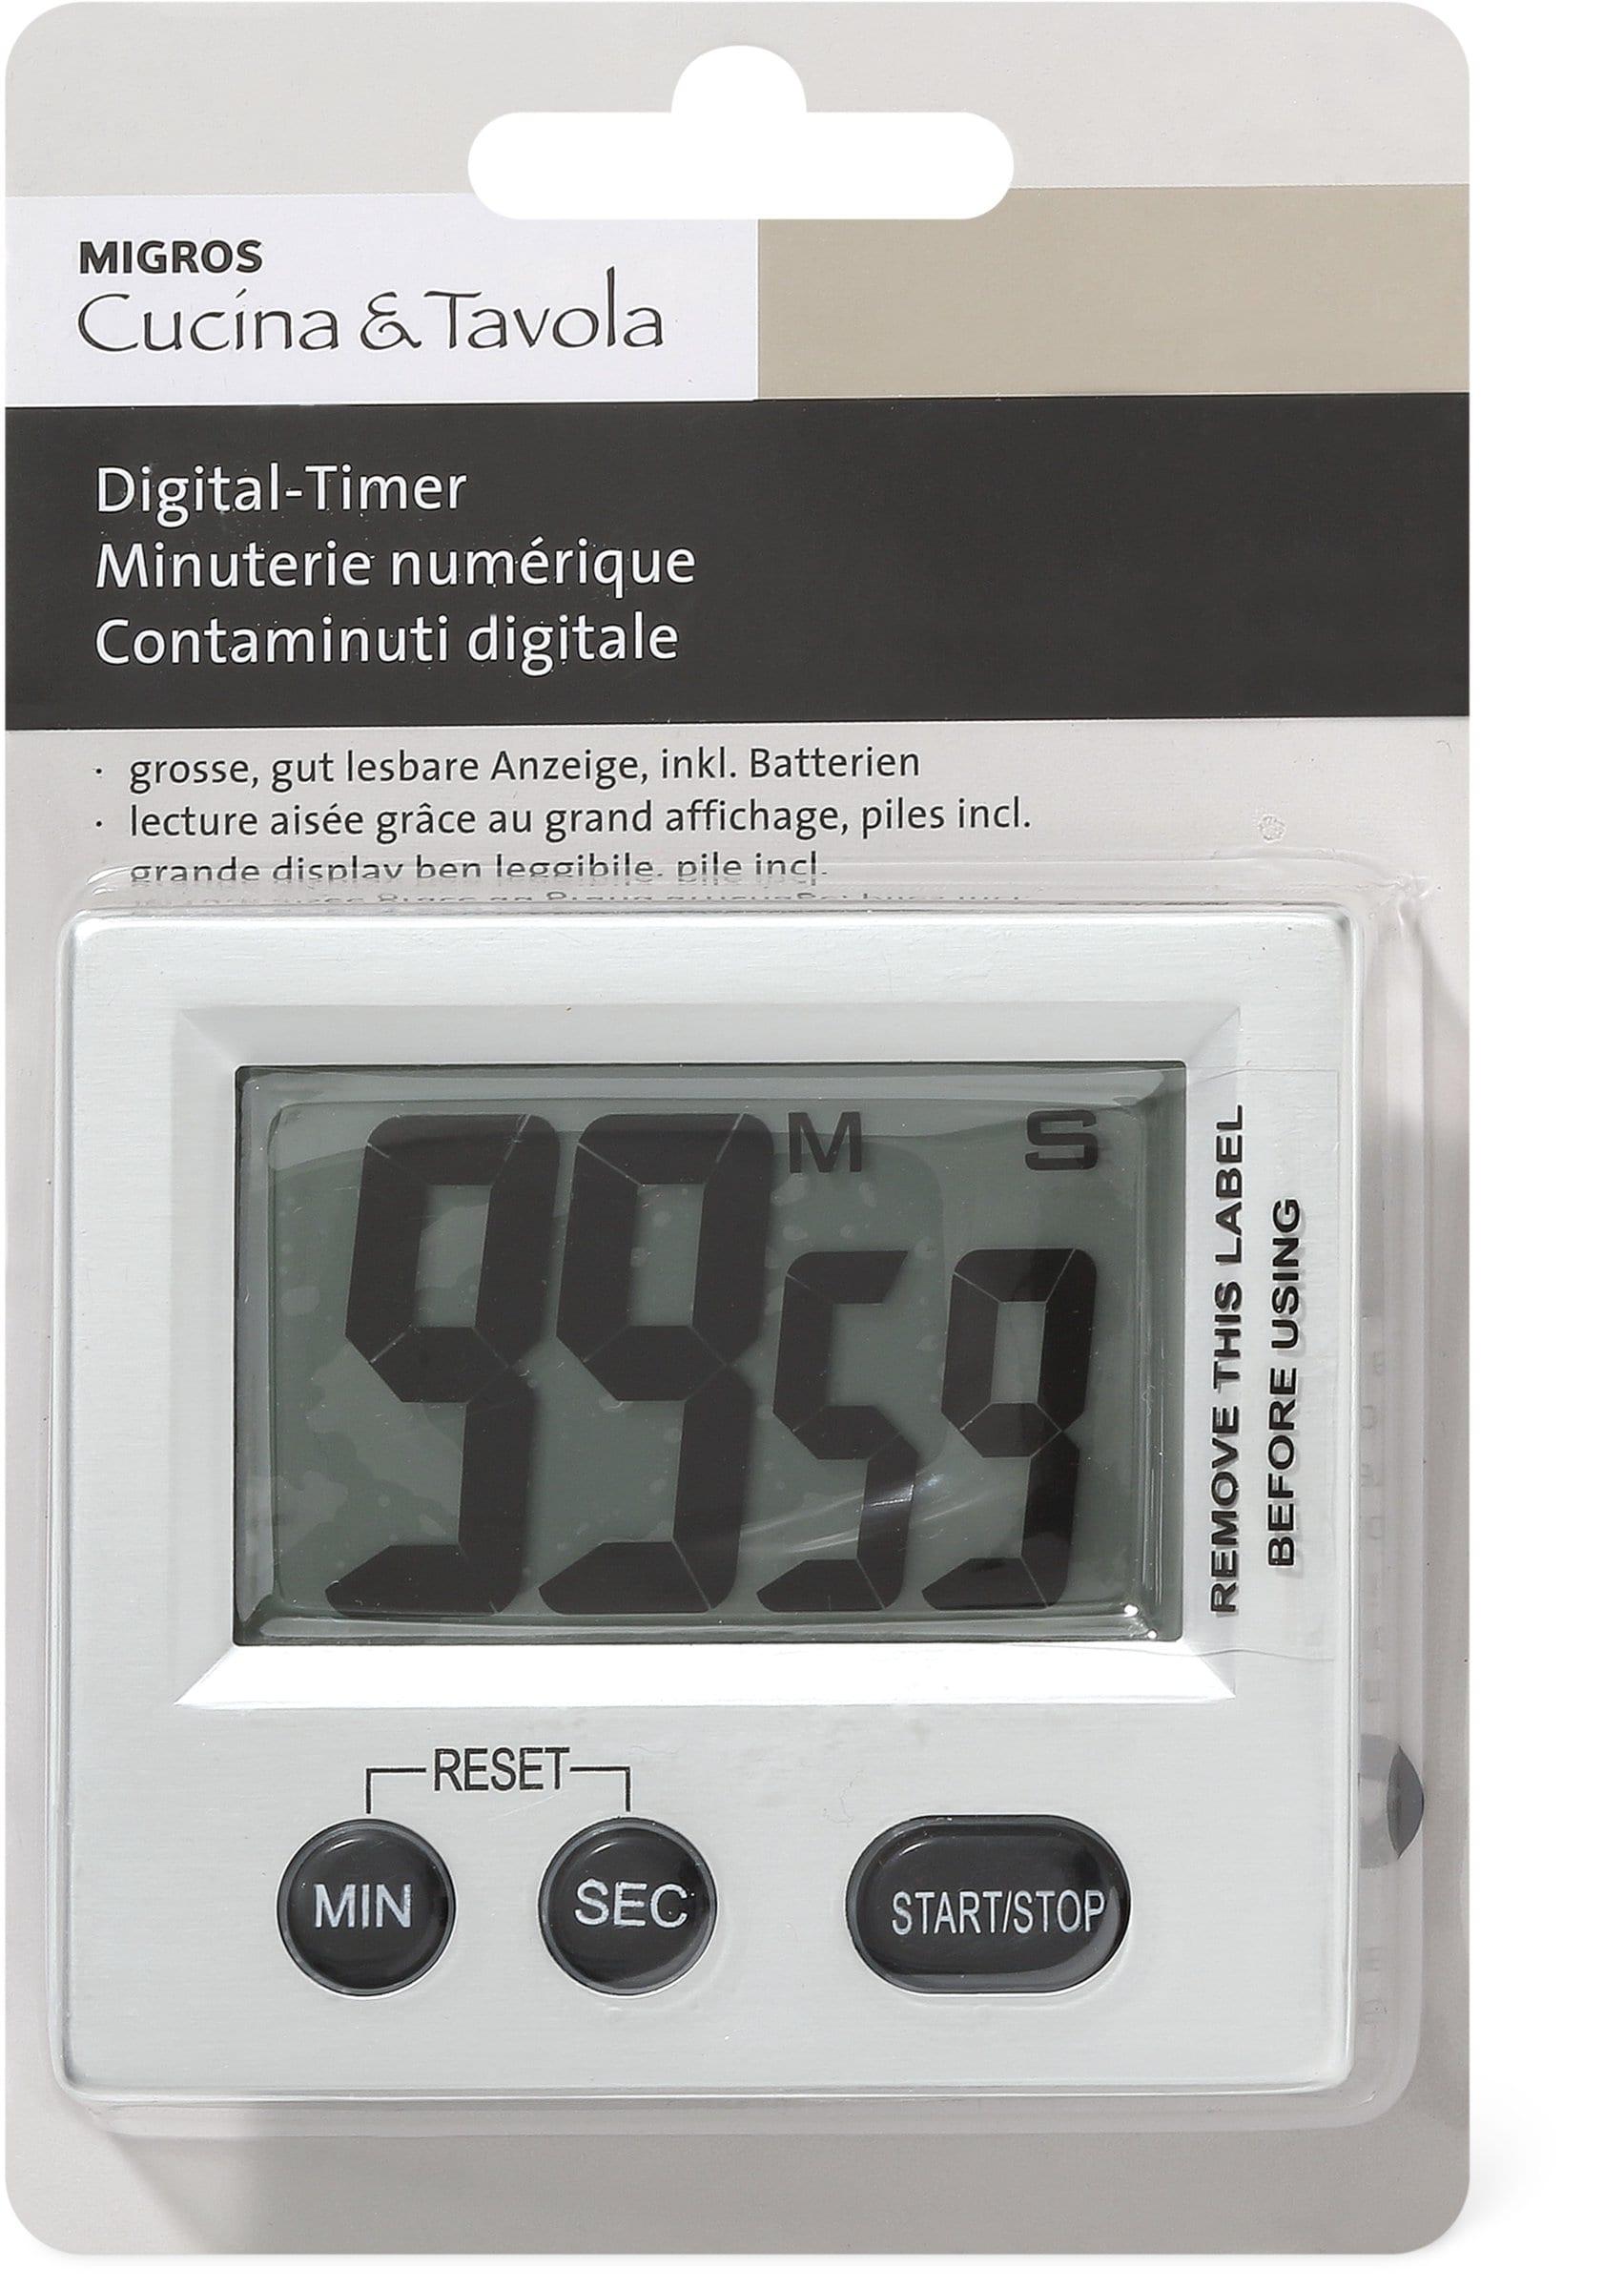 Cucina & Tavola Minuterie numérique